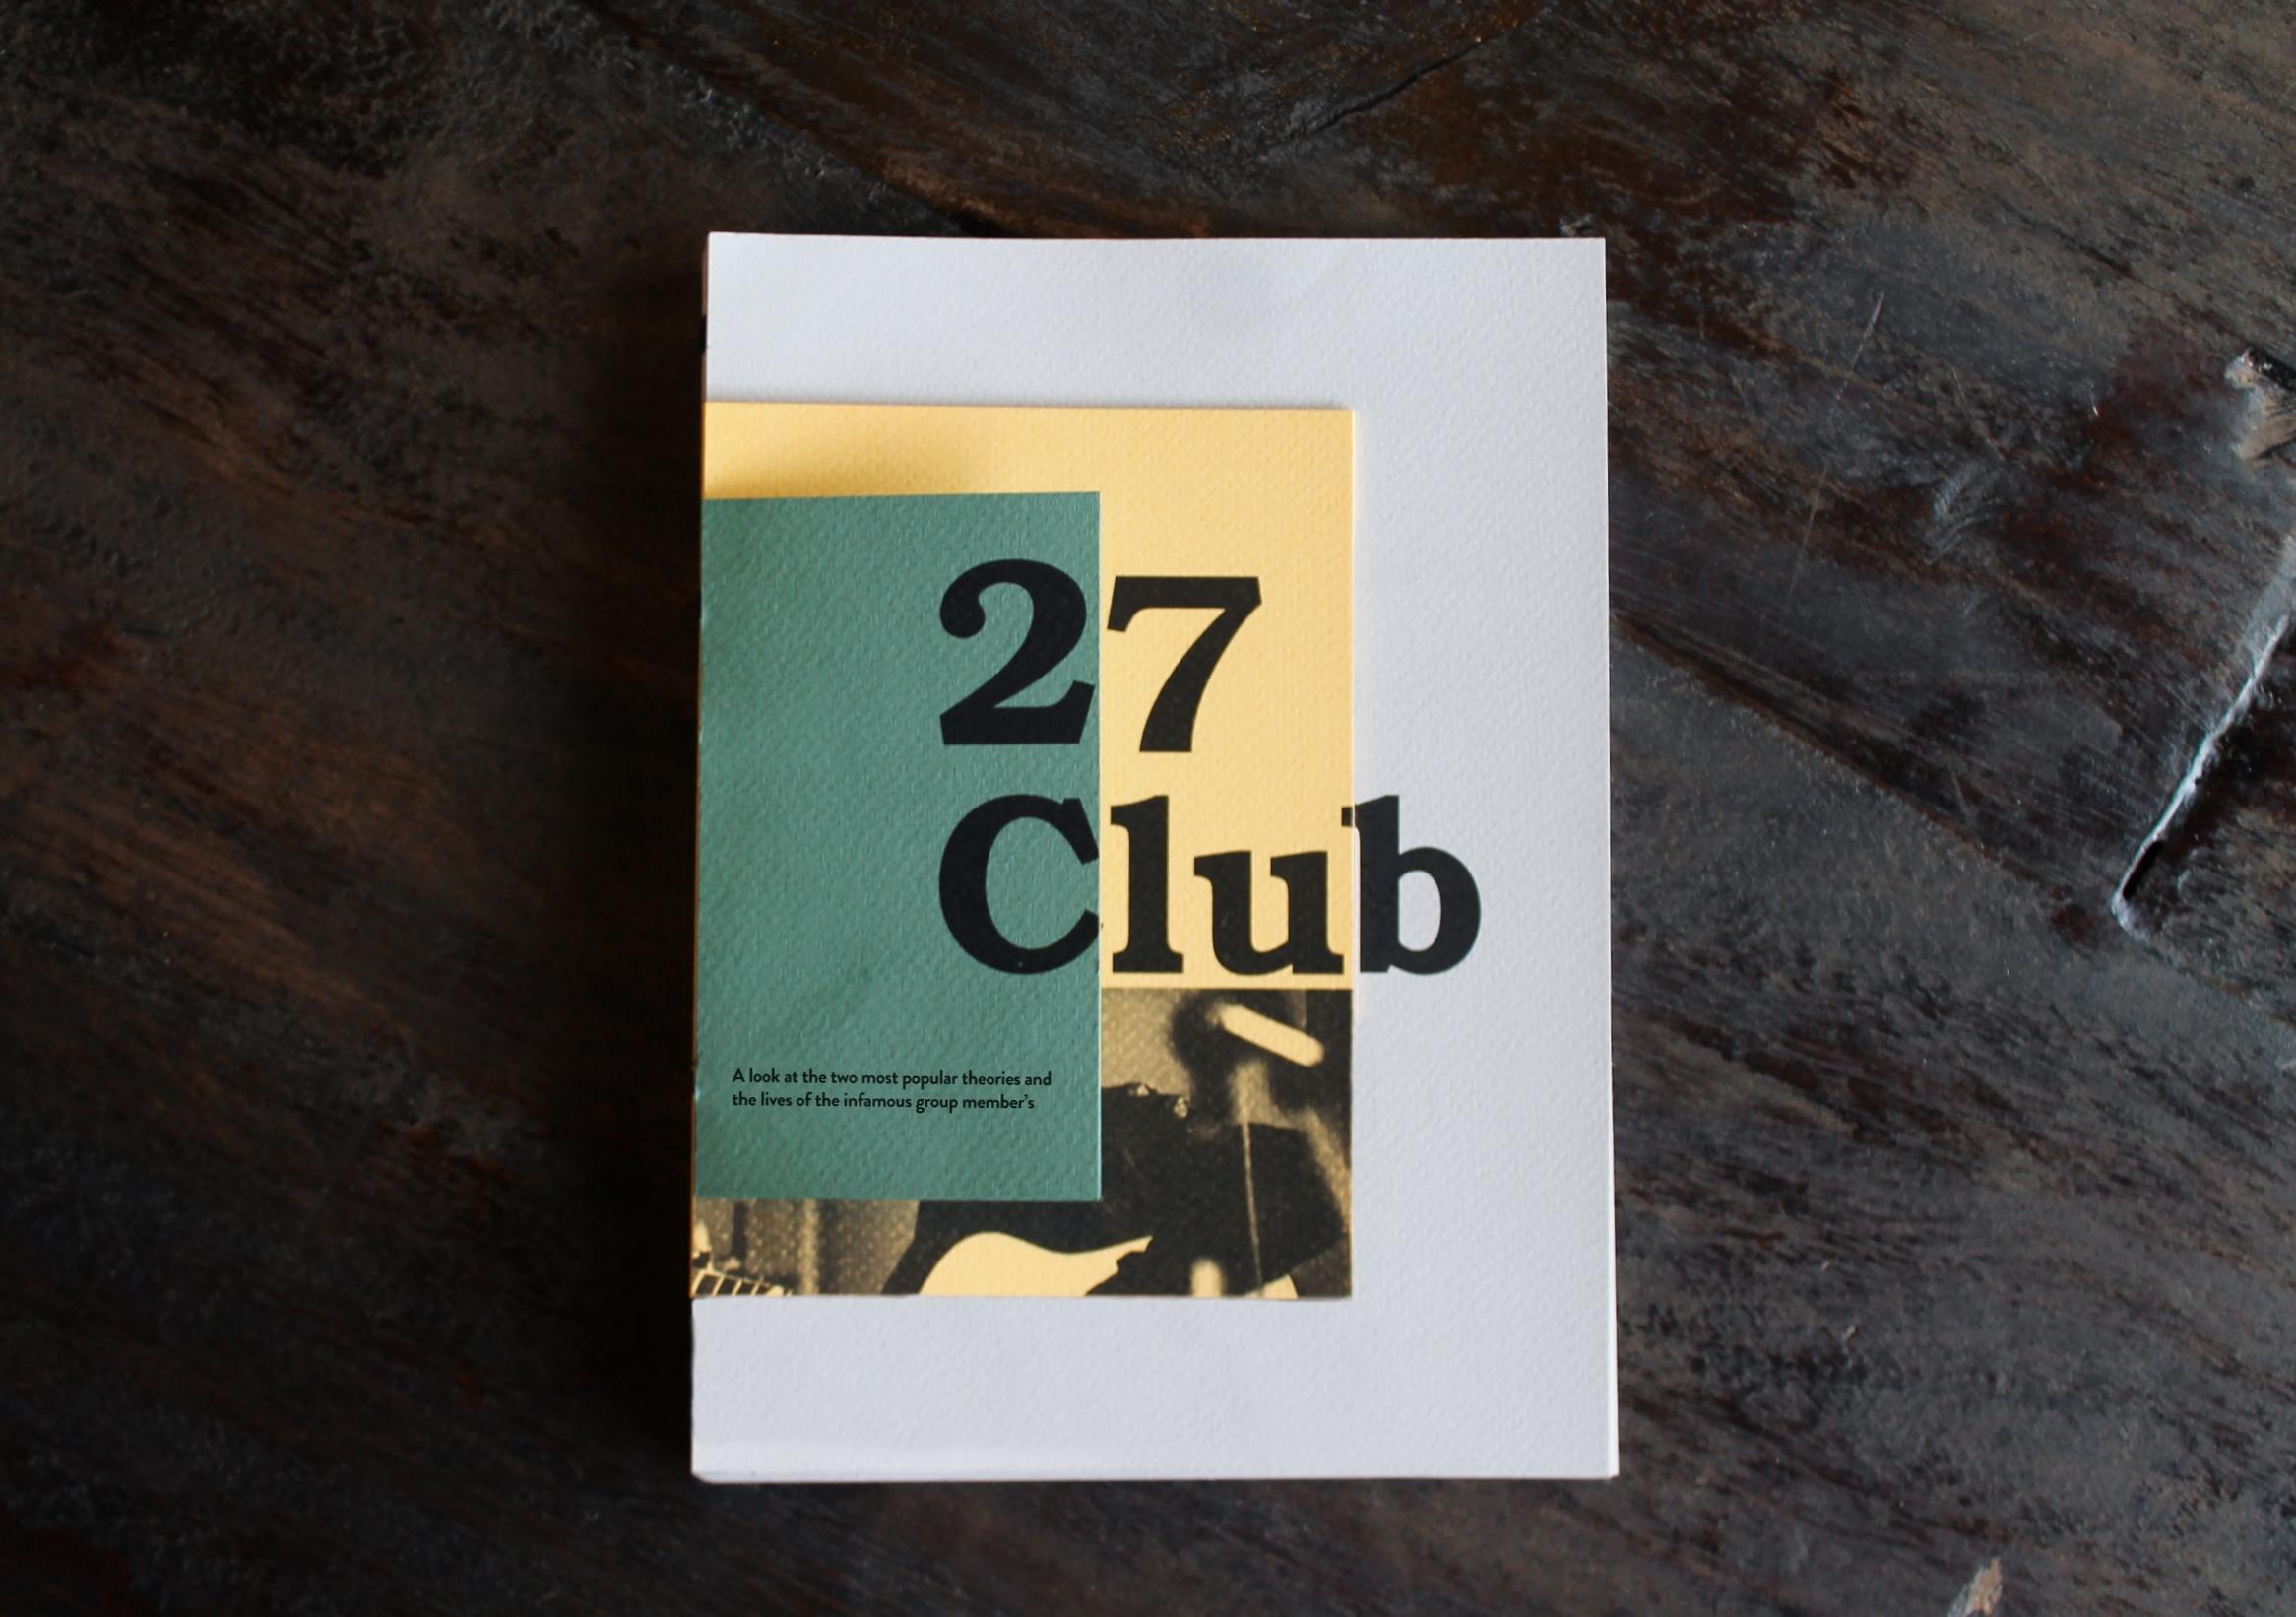 27 club - layout